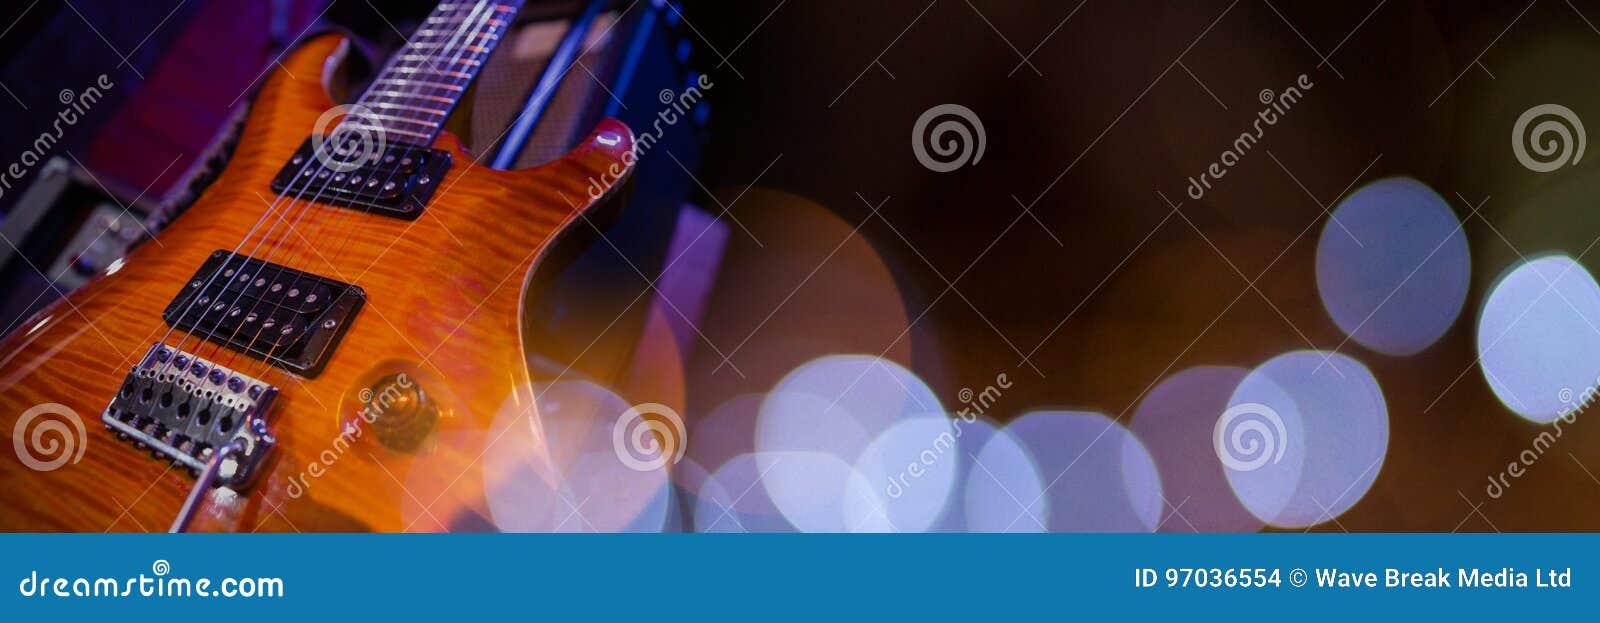 Elektrisk gitarr med blåa ljus